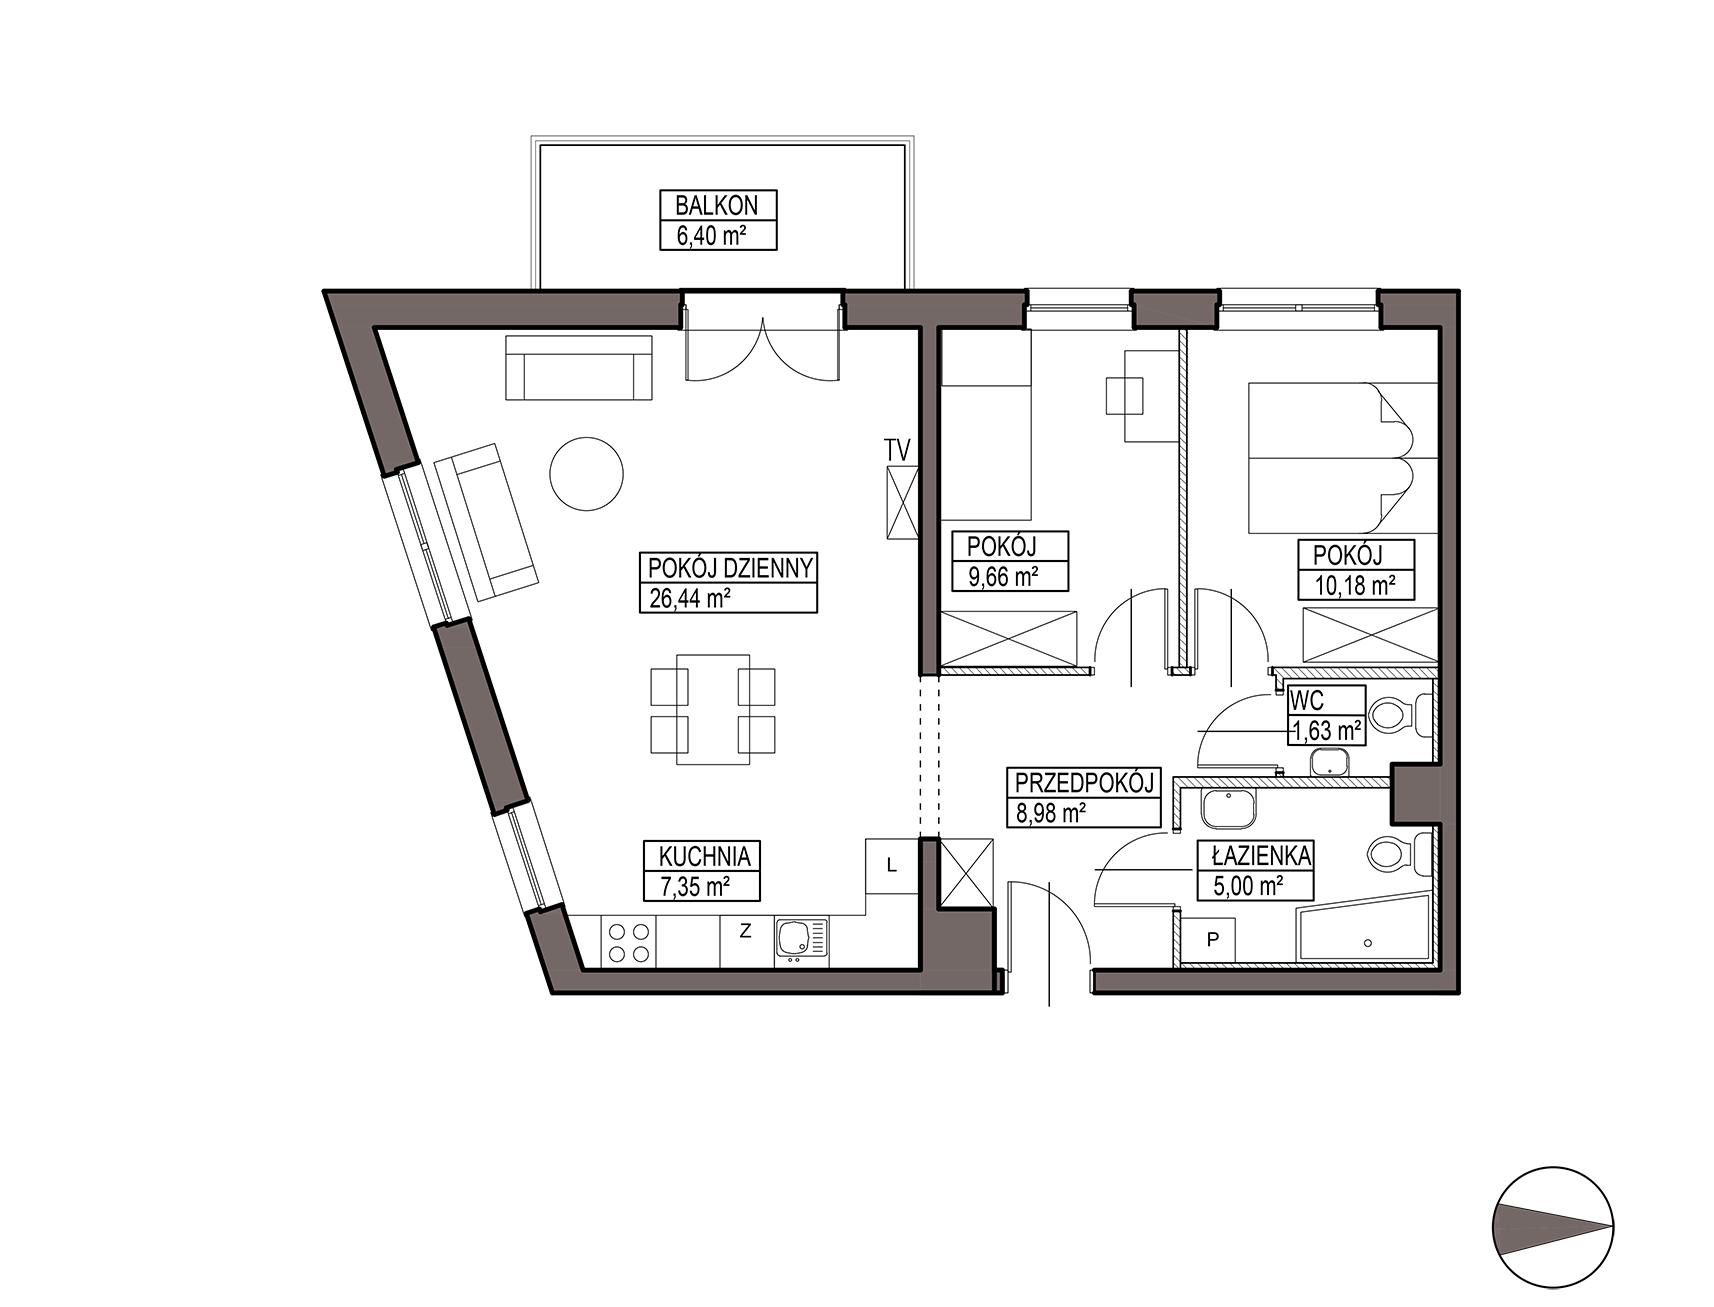 Uroczysko III / budynek 5 / mieszkanie G/0/5 rzut 1